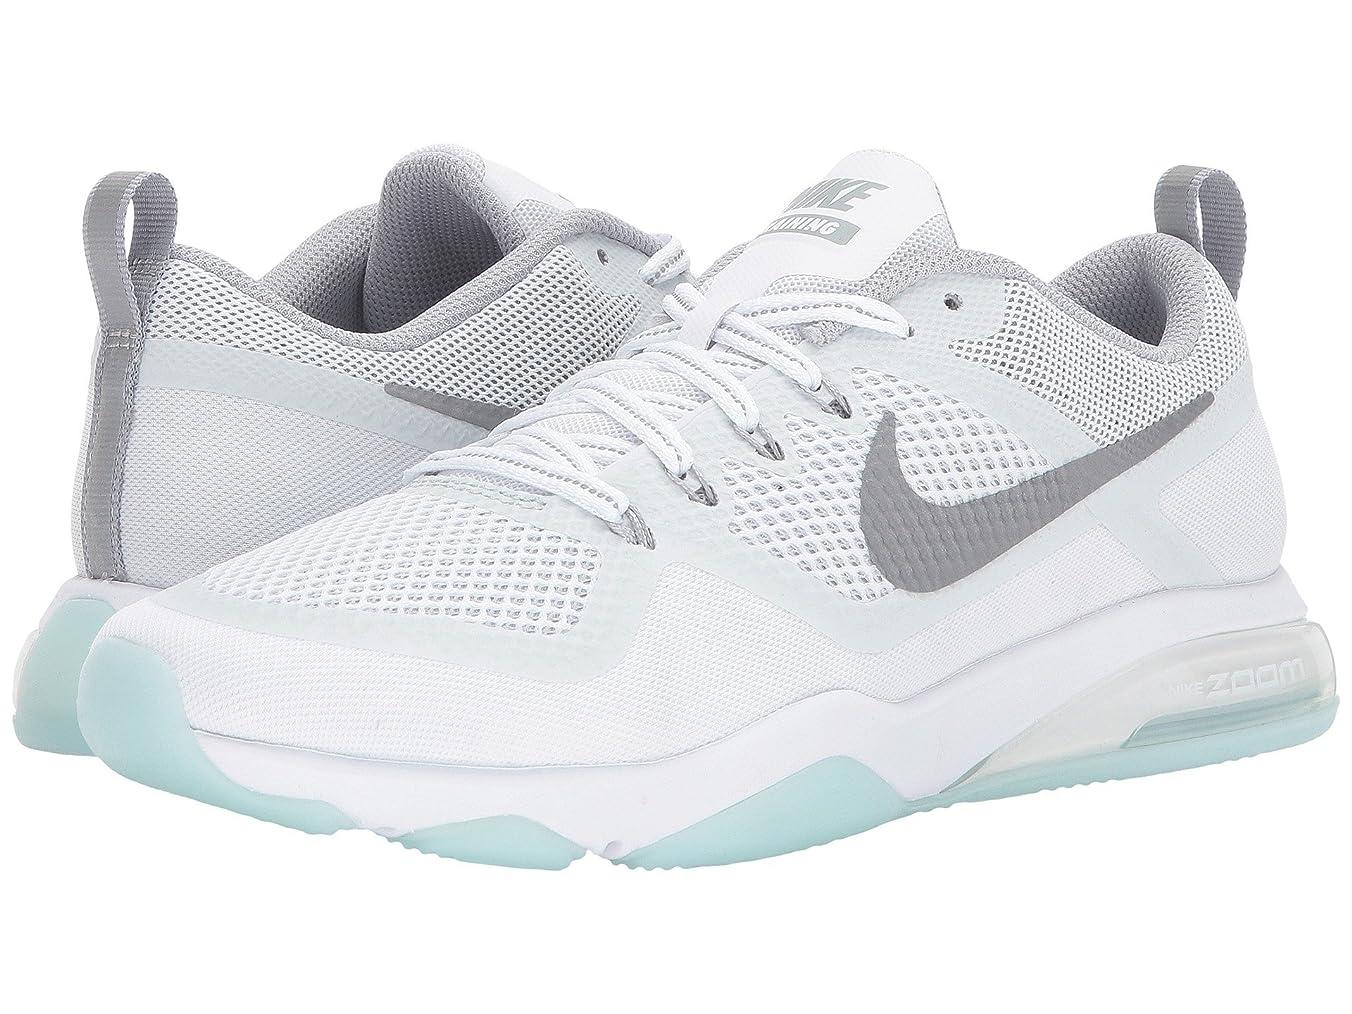 記念碑シンカン請求書(ナイキ) NIKE レディースランニングシューズ?スニーカー?靴 Zoom Fitness Reflect Training White/Reflect Silver/Glacier Blue 7.5 (24.5cm) B - Medium